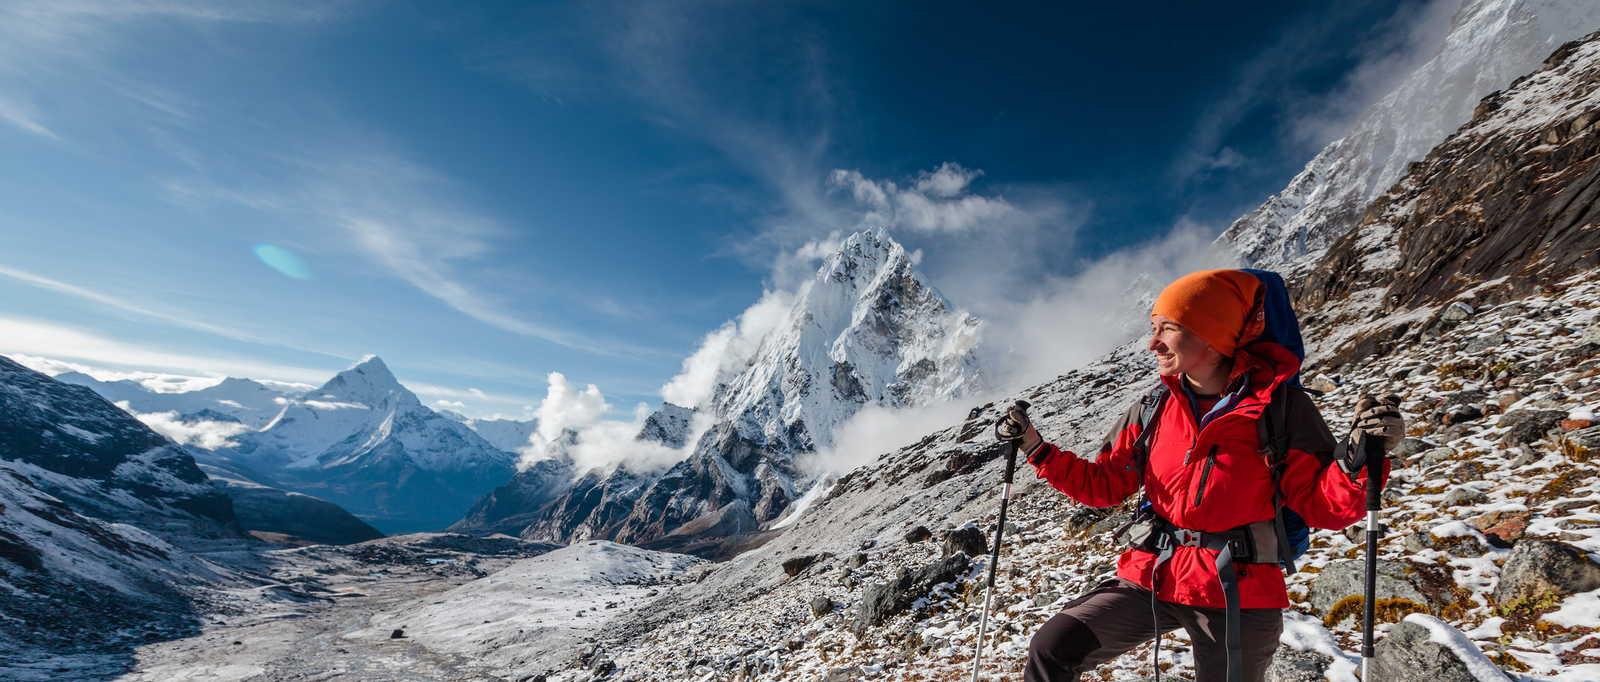 Trekker admiring the view, Nepal